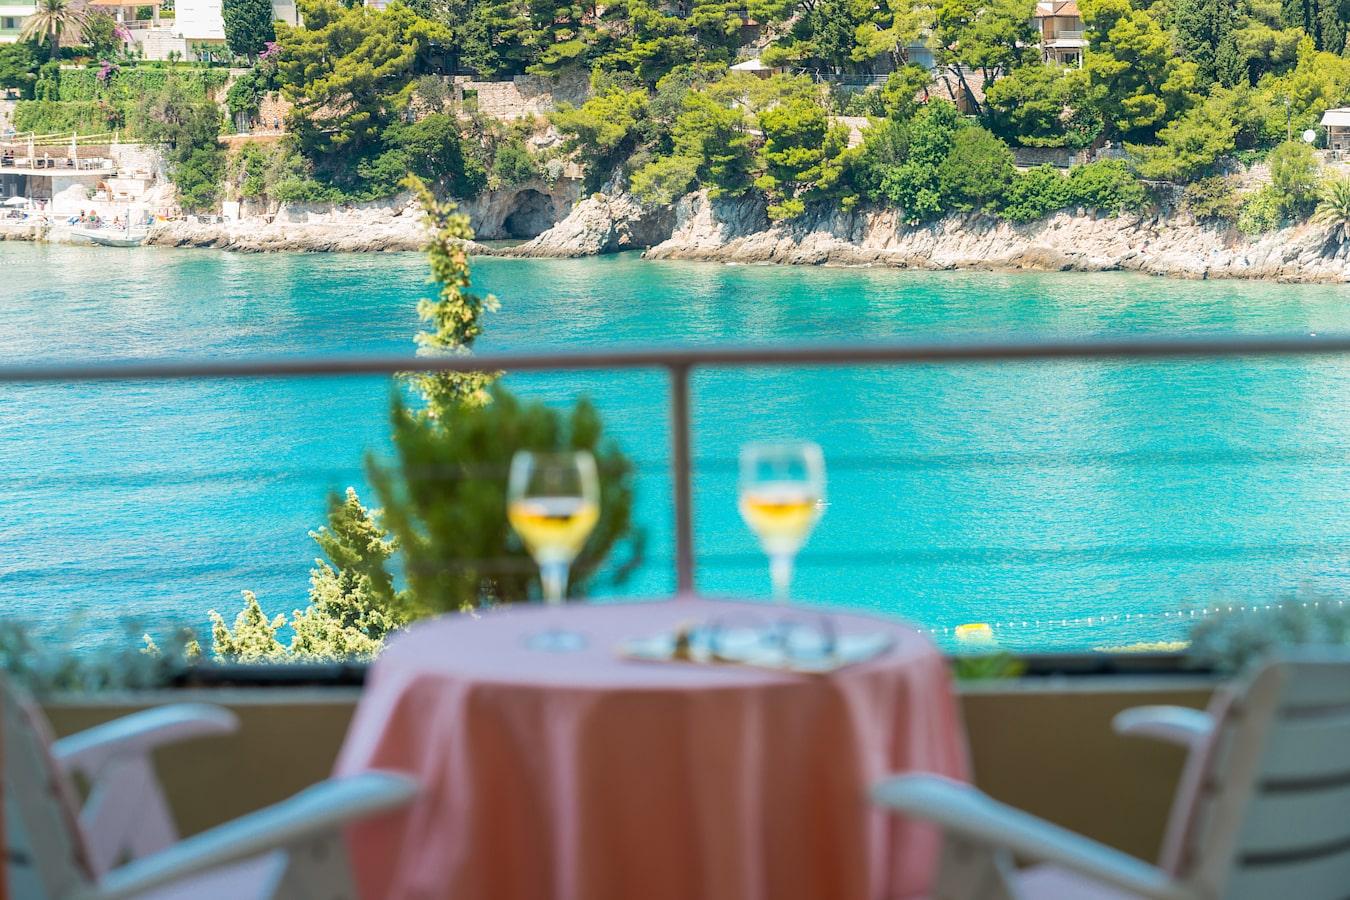 uvala-hotel-room-balcony-seaview-2.jpg